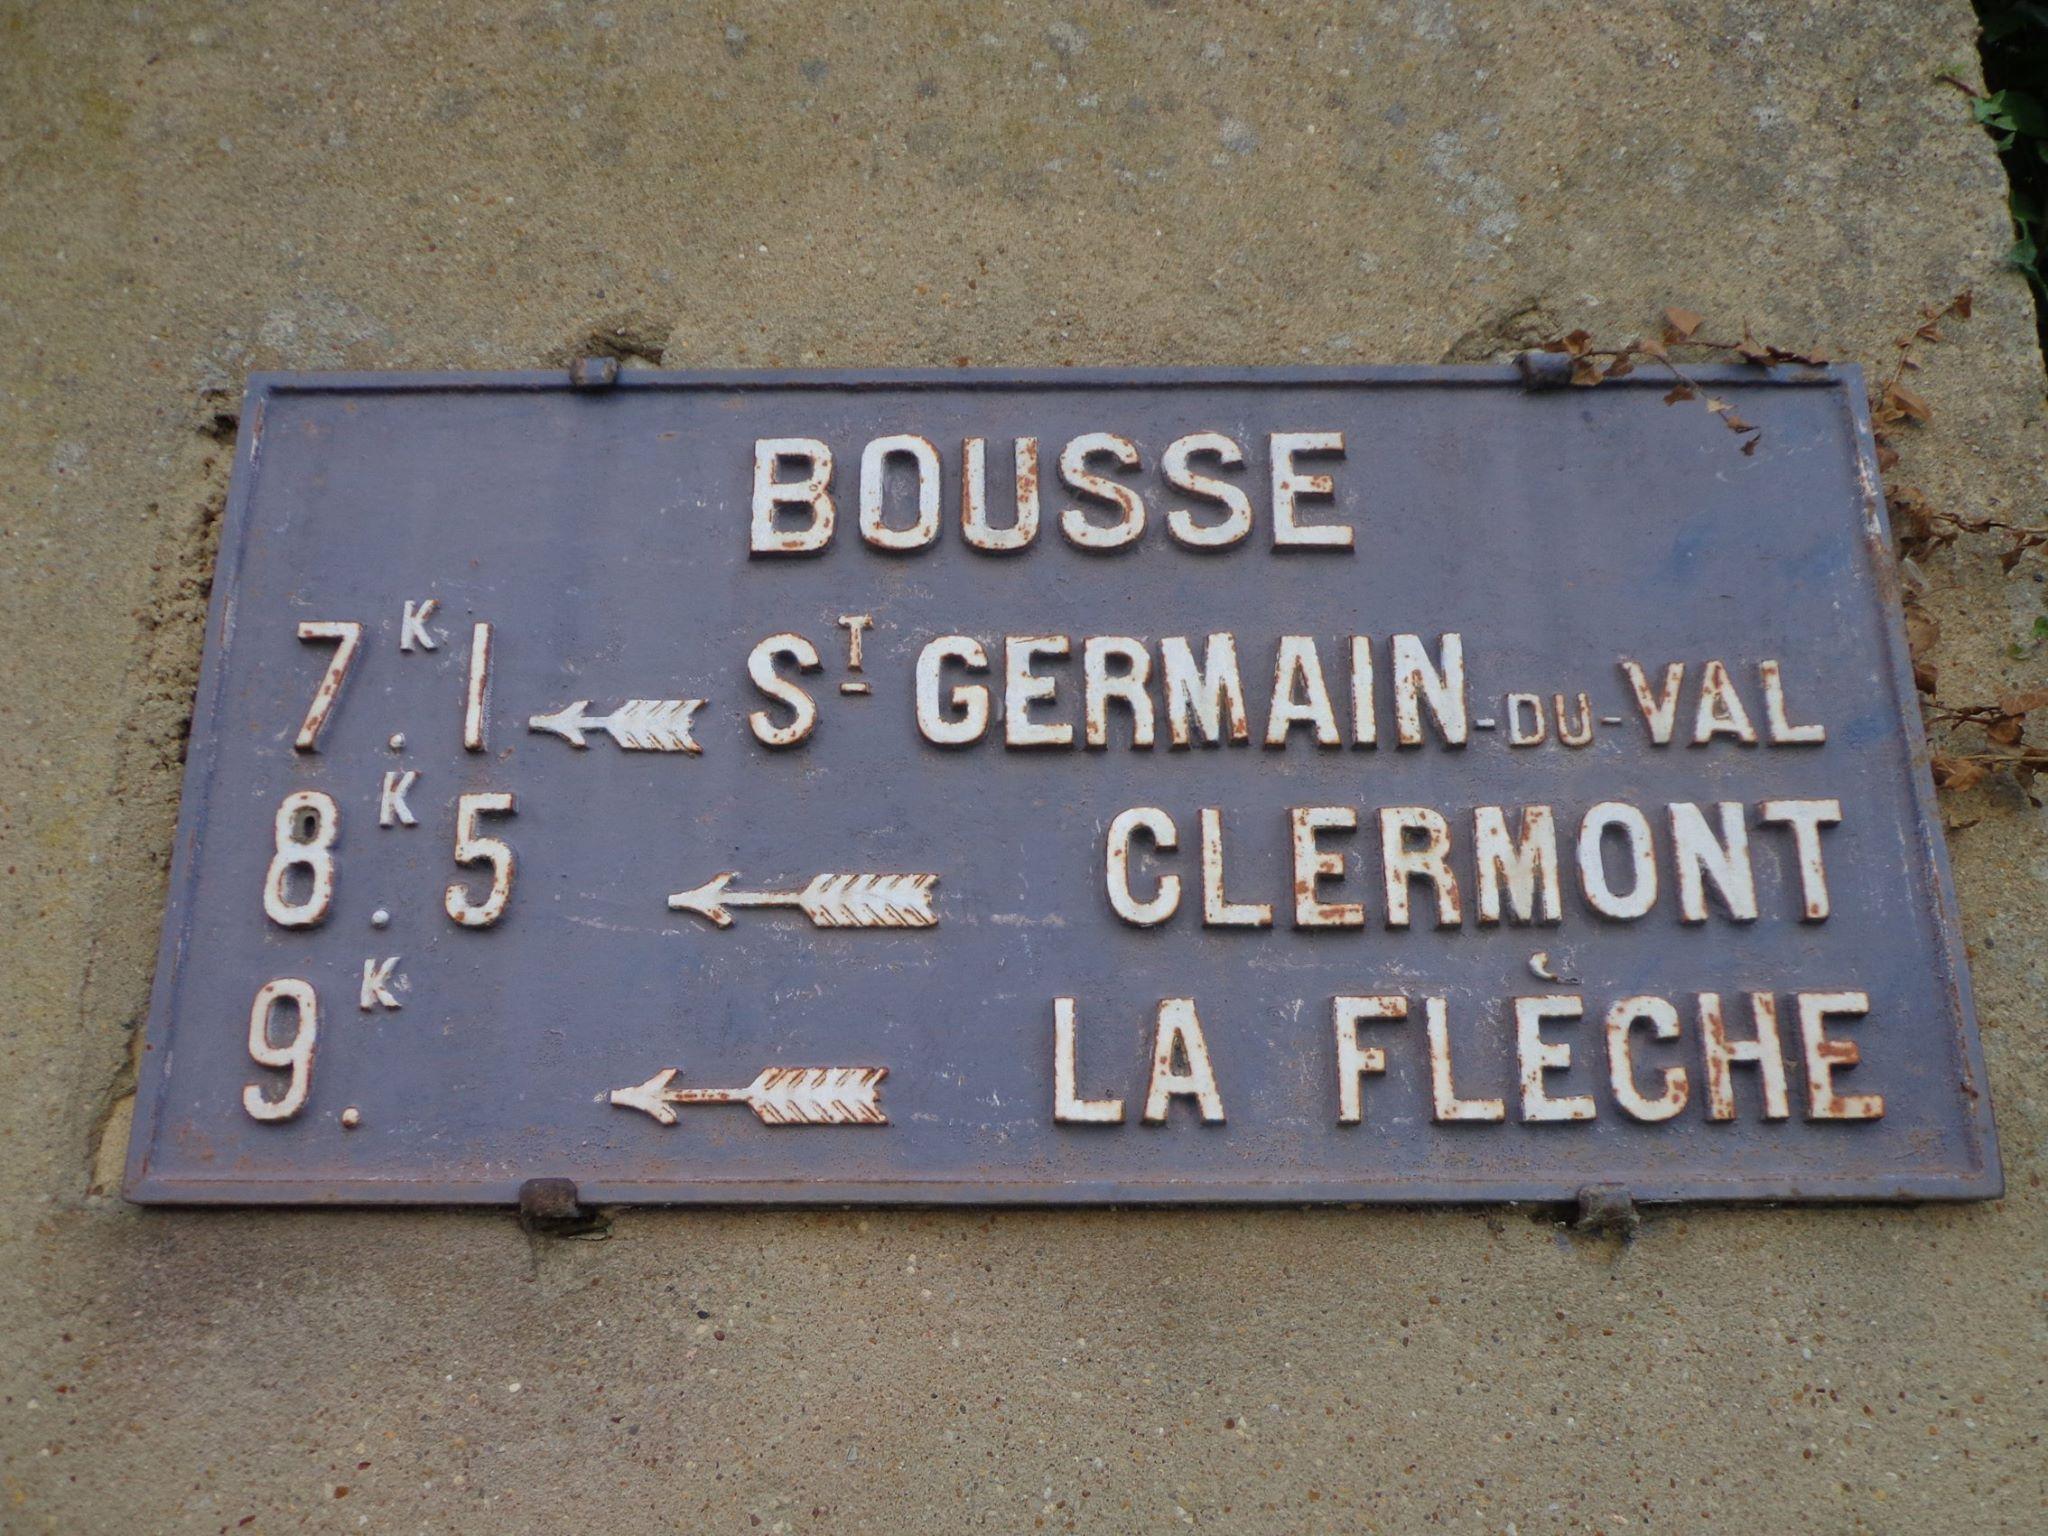 Bousse - Plaque de cocher - Saint German du Val - Clermont - La Flèche (Marie-Yvonne Mersanne)